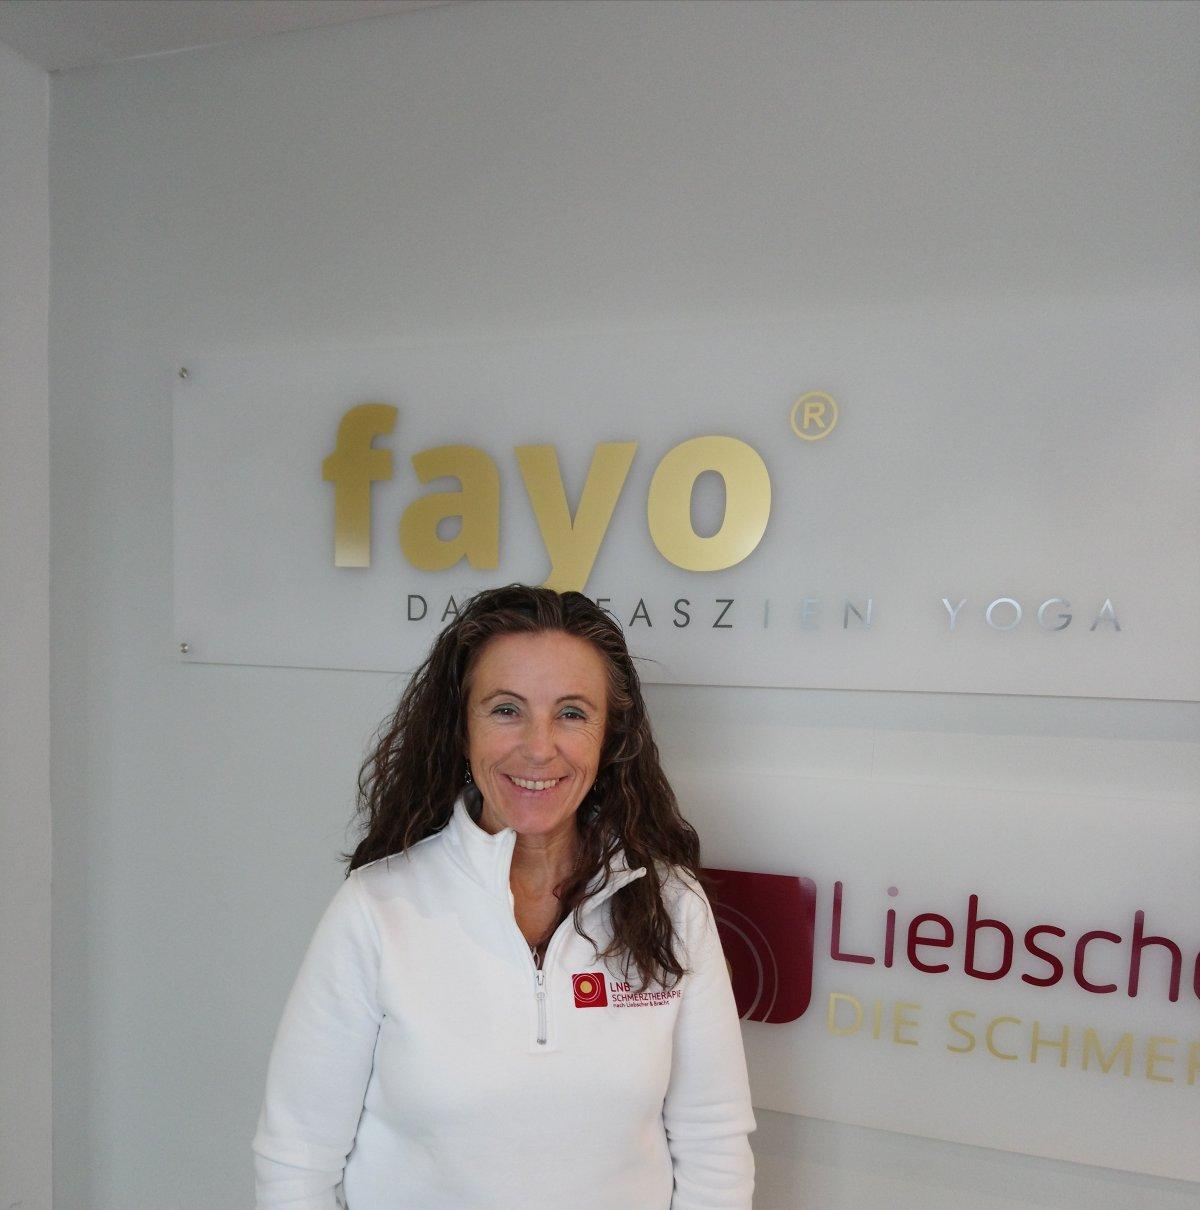 Das Foto zeigt Rita Harlos aus 56242 Selters. Sie hat lange braune Haare, die sich leicht locken. Auf dem Foto steht sie vor einem FAYO und Liebscher & Bracht Schild und trägt einen weißen Pullover.